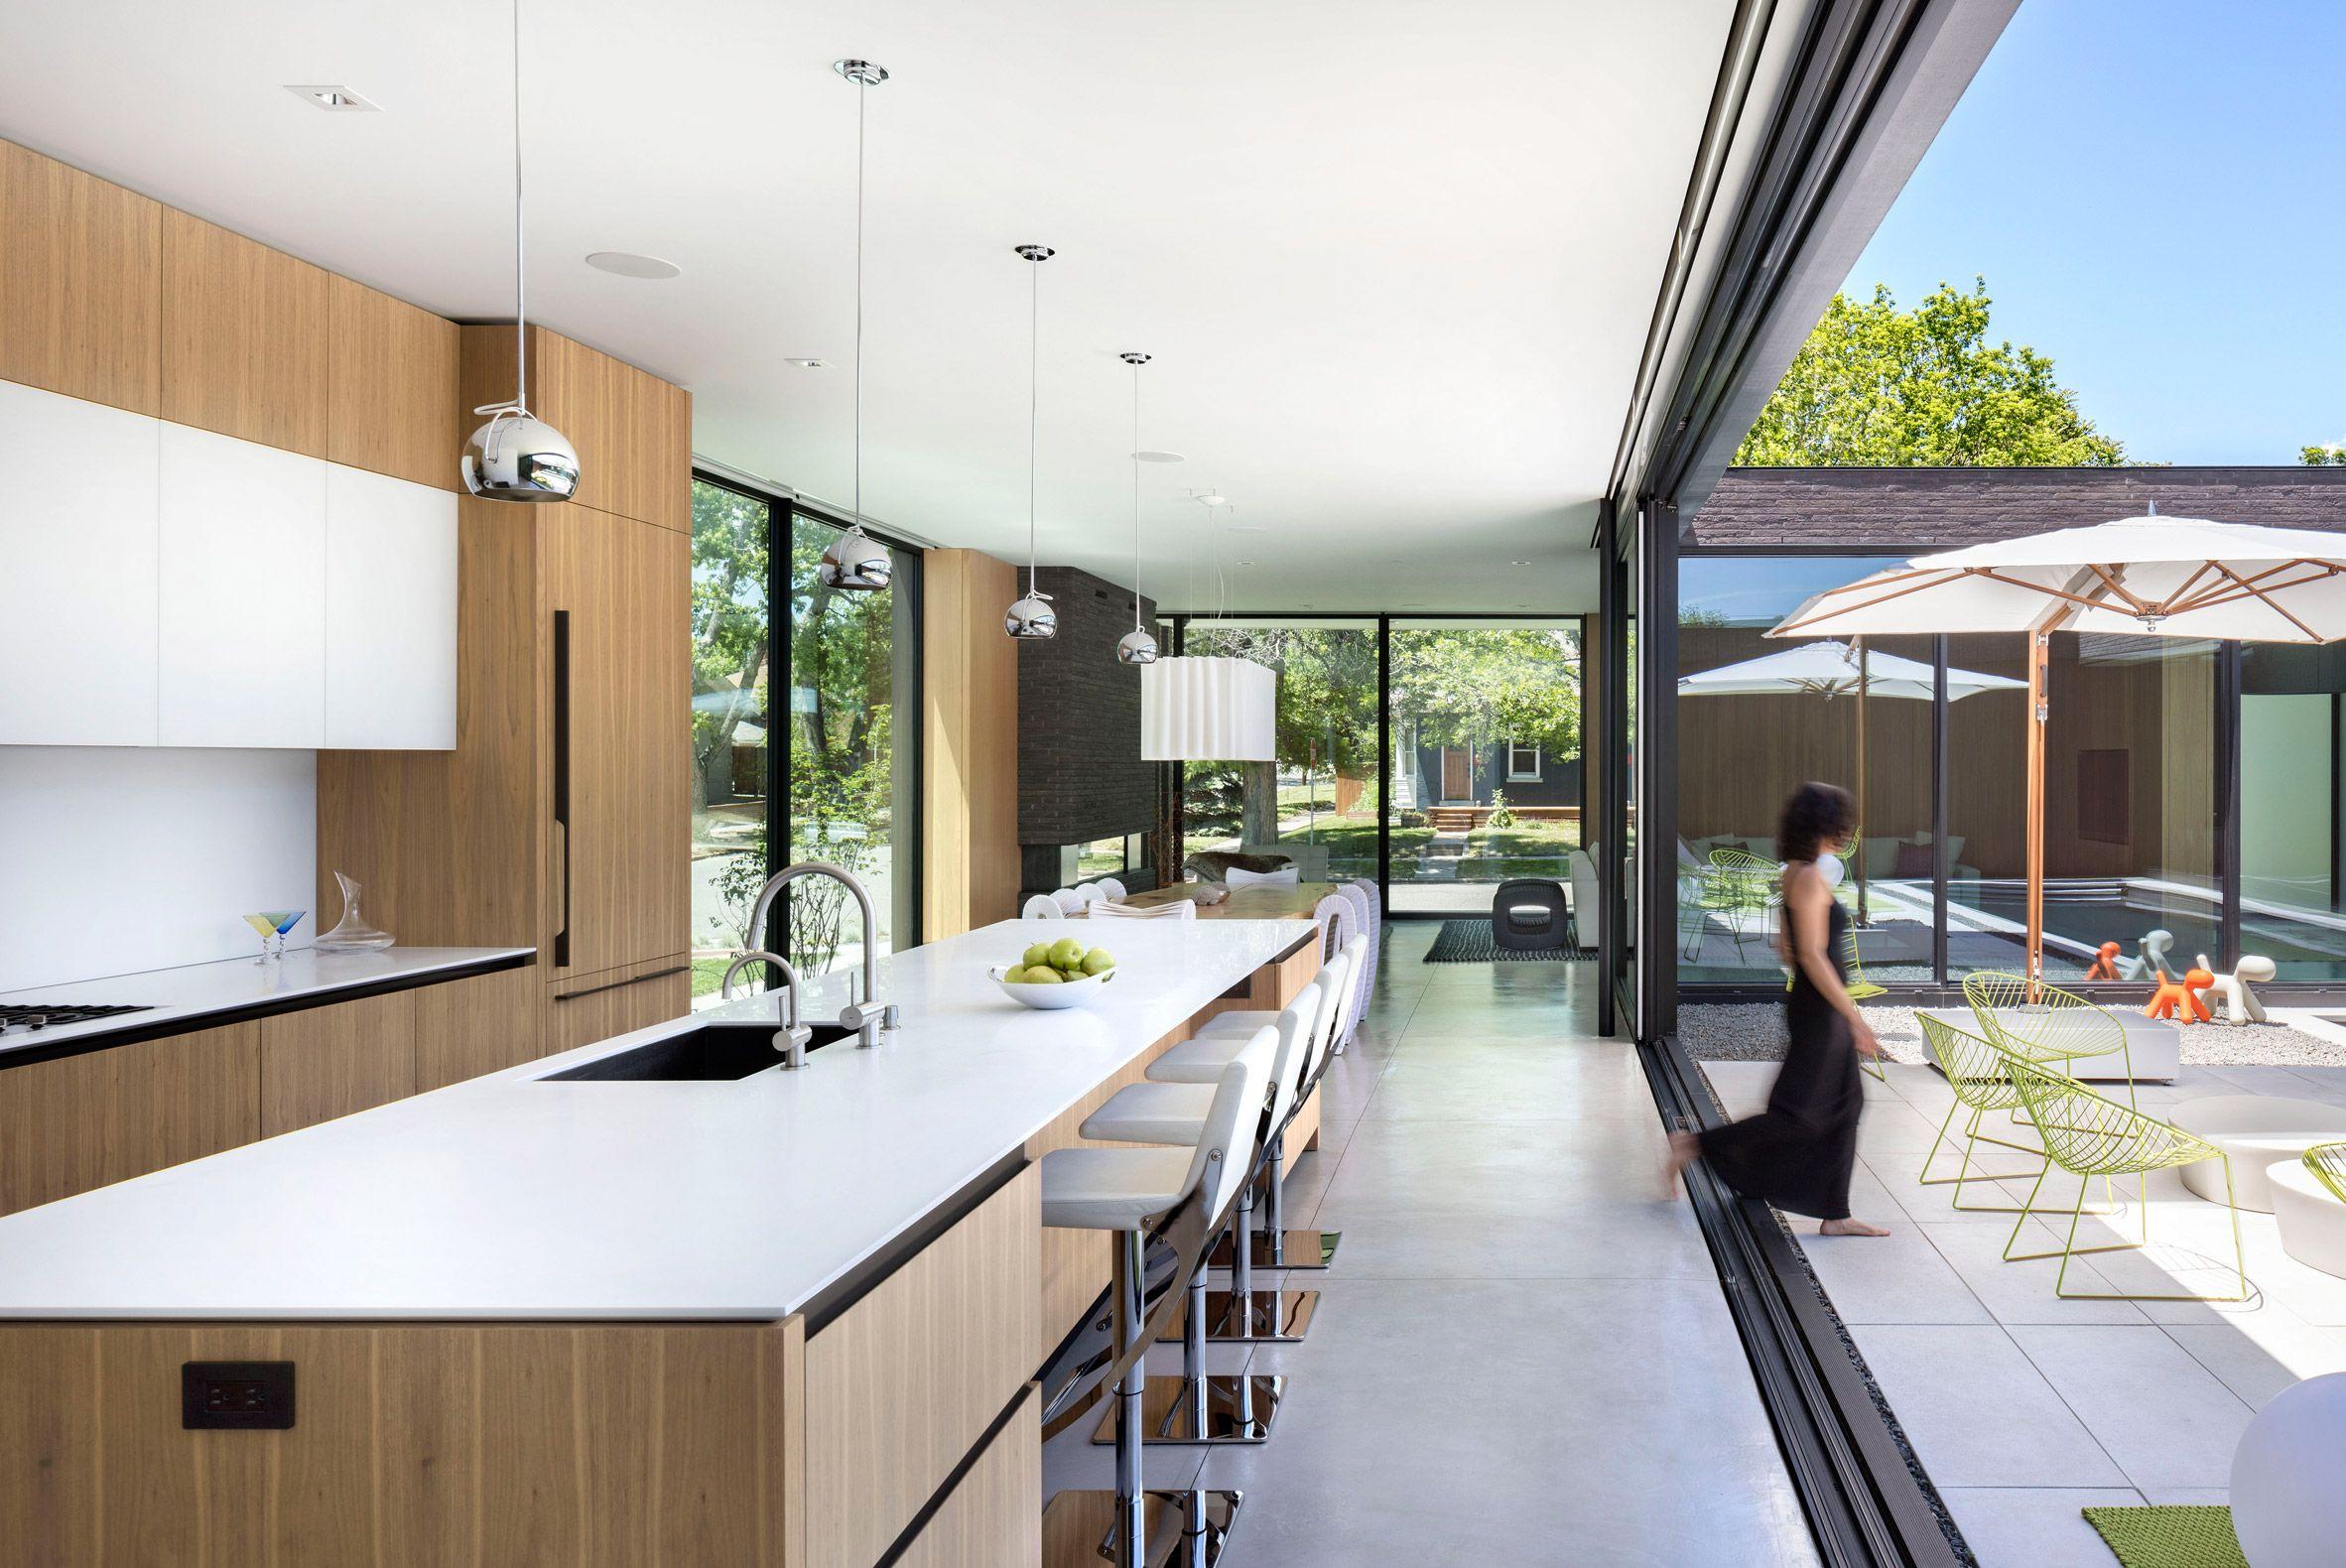 Best Kitchen Gallery: Studio B Creates Rectangular Brick Home For Historic Denver of Modern Denver Homes  on rachelxblog.com